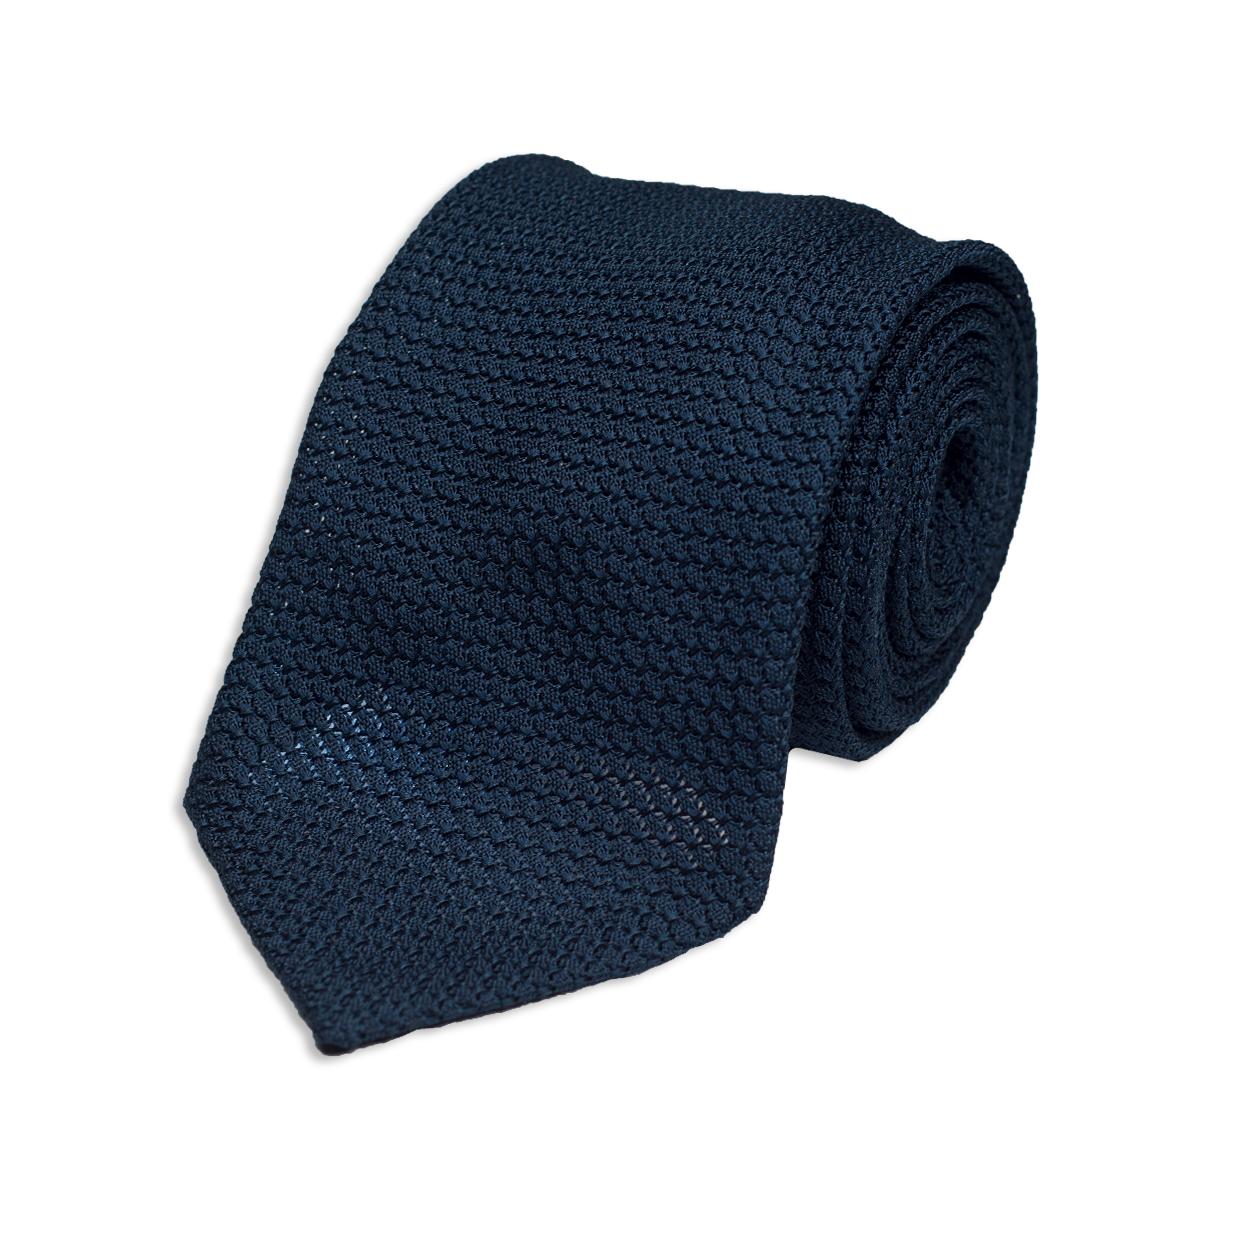 Μπλε γραβάτα Garza